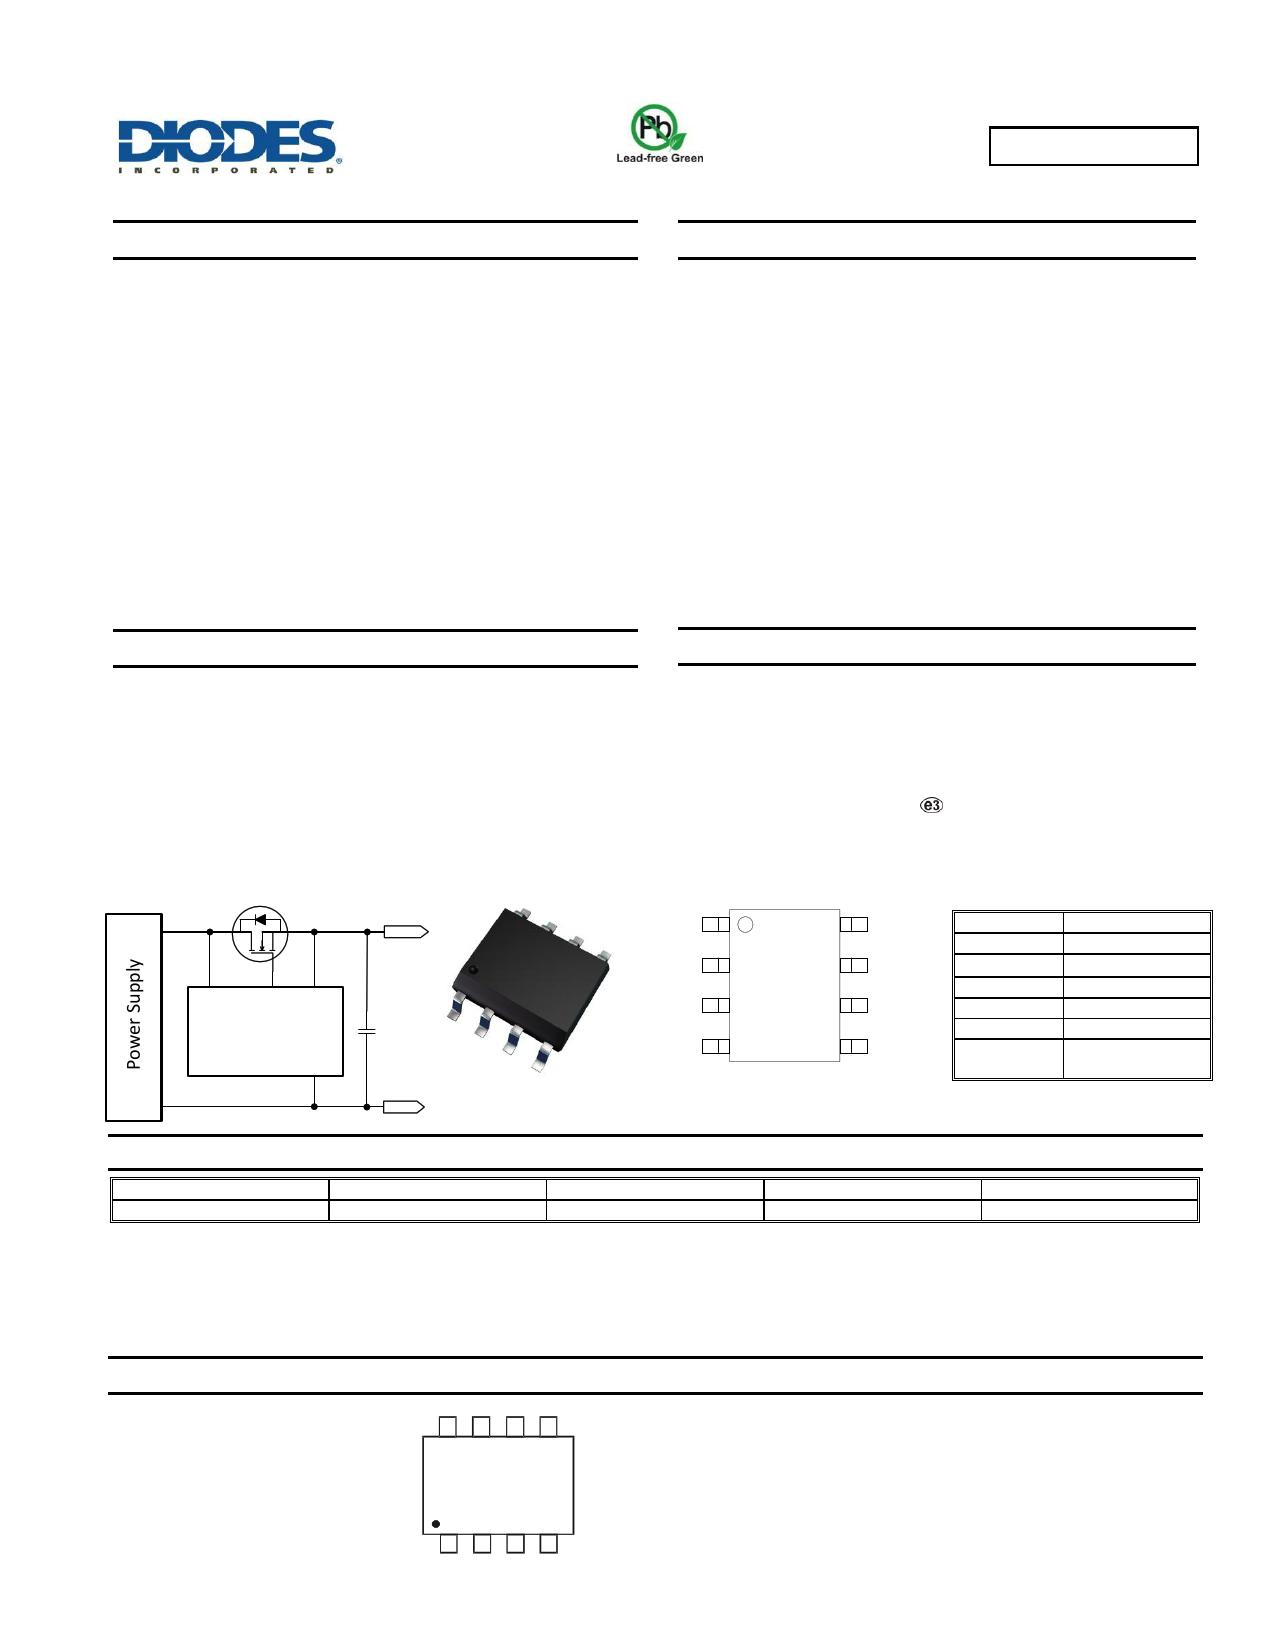 ZXGD3111N8 datasheet